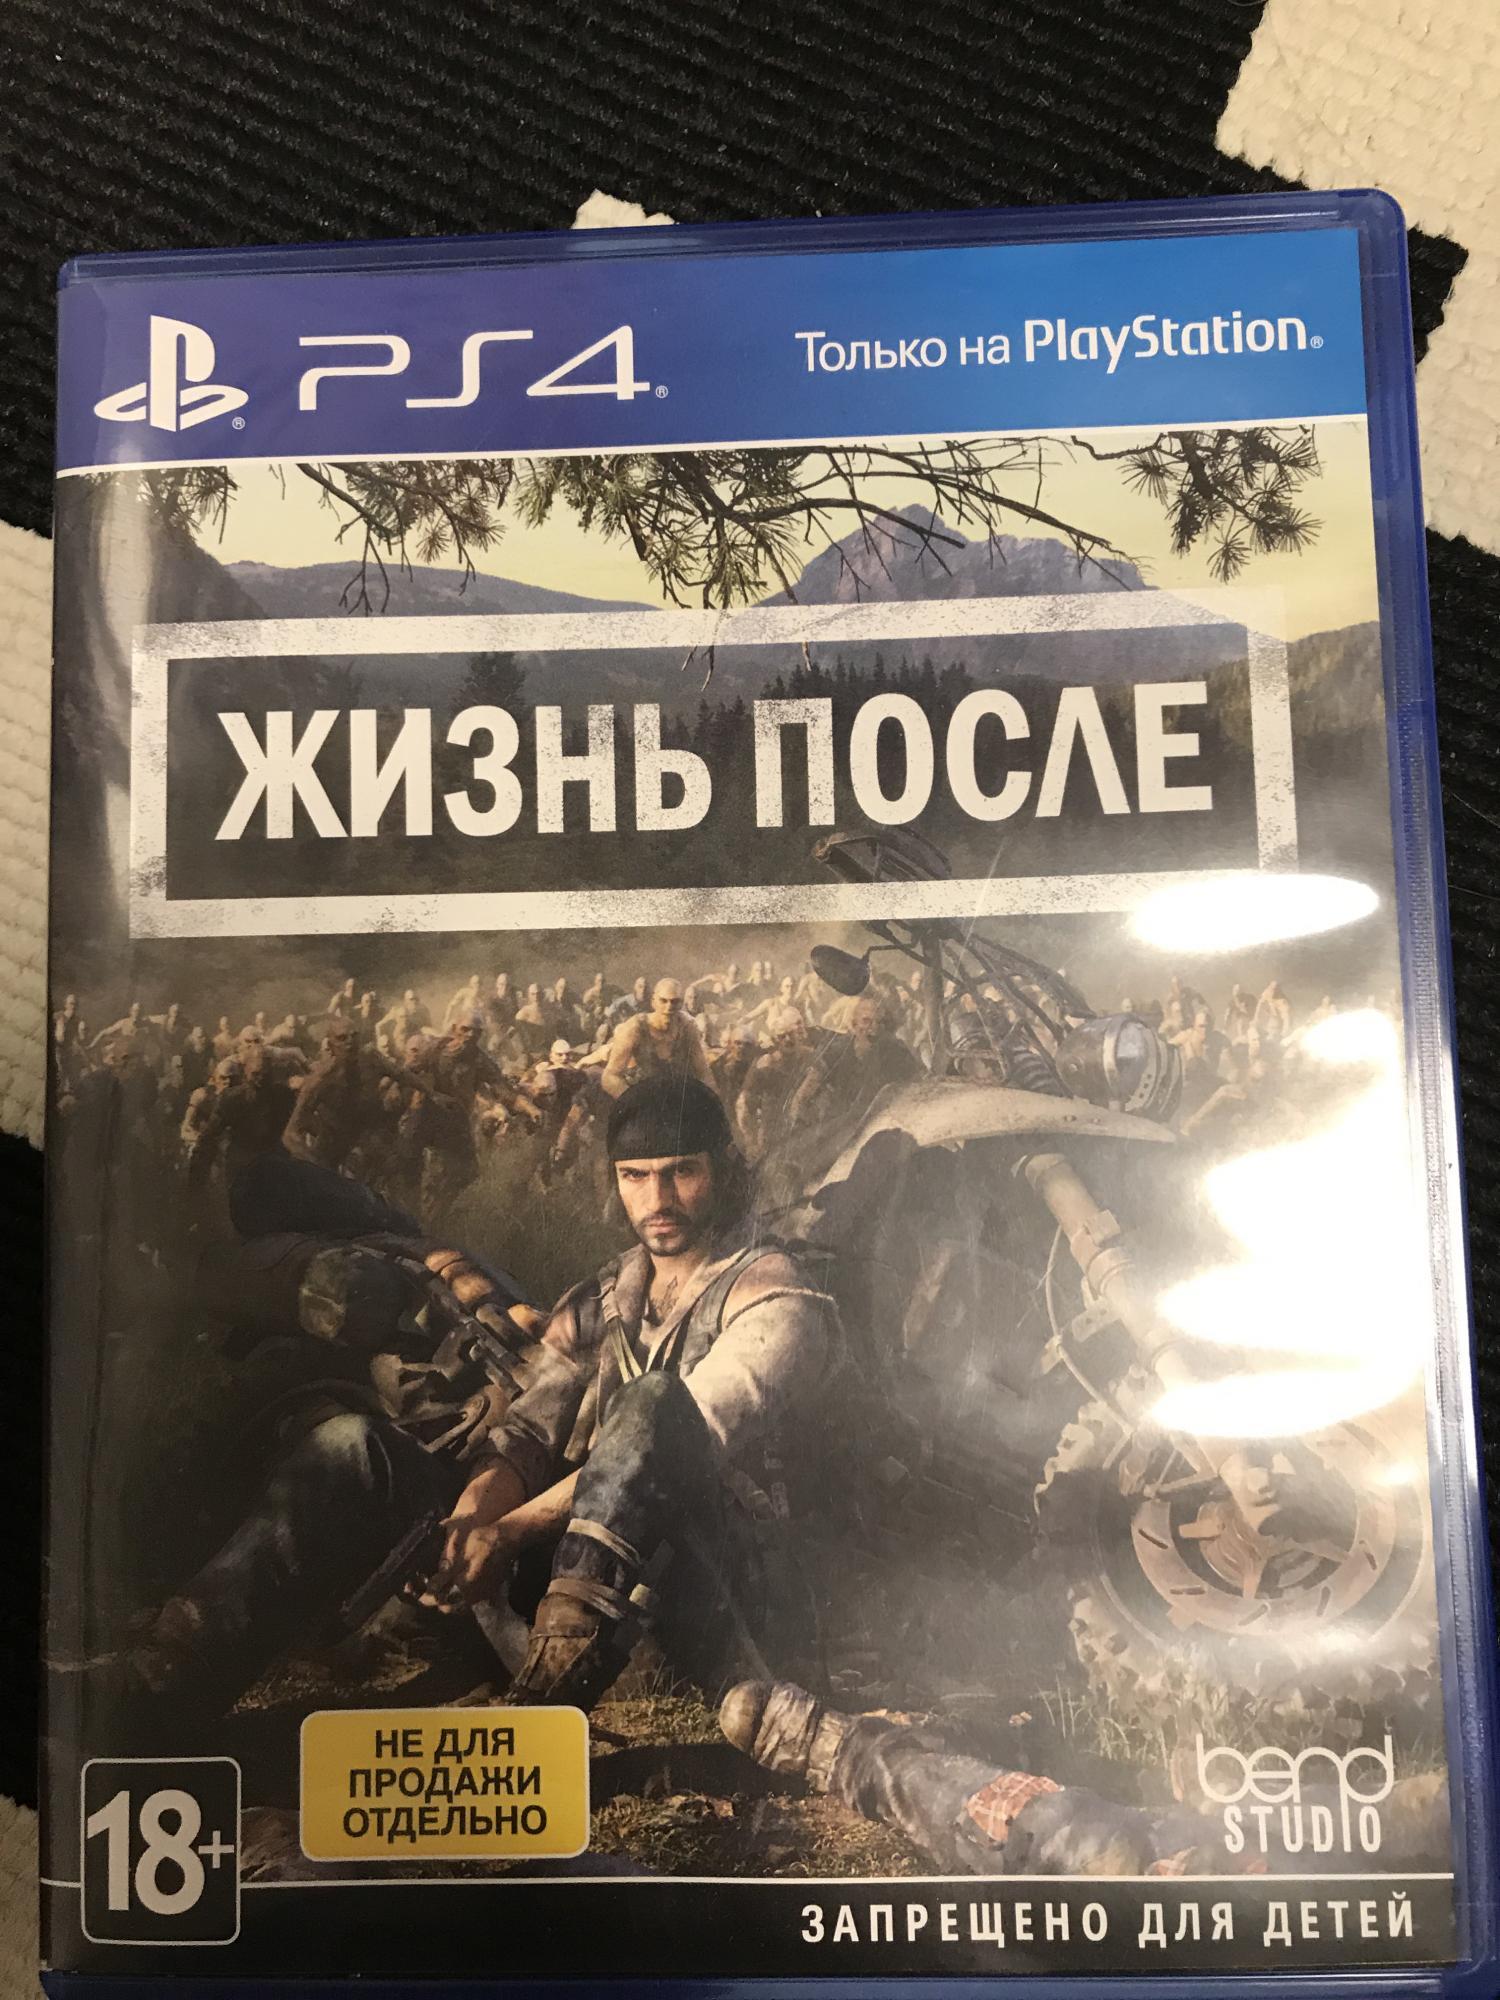 Days gone для ps4 в Москве 89160973966 купить 1